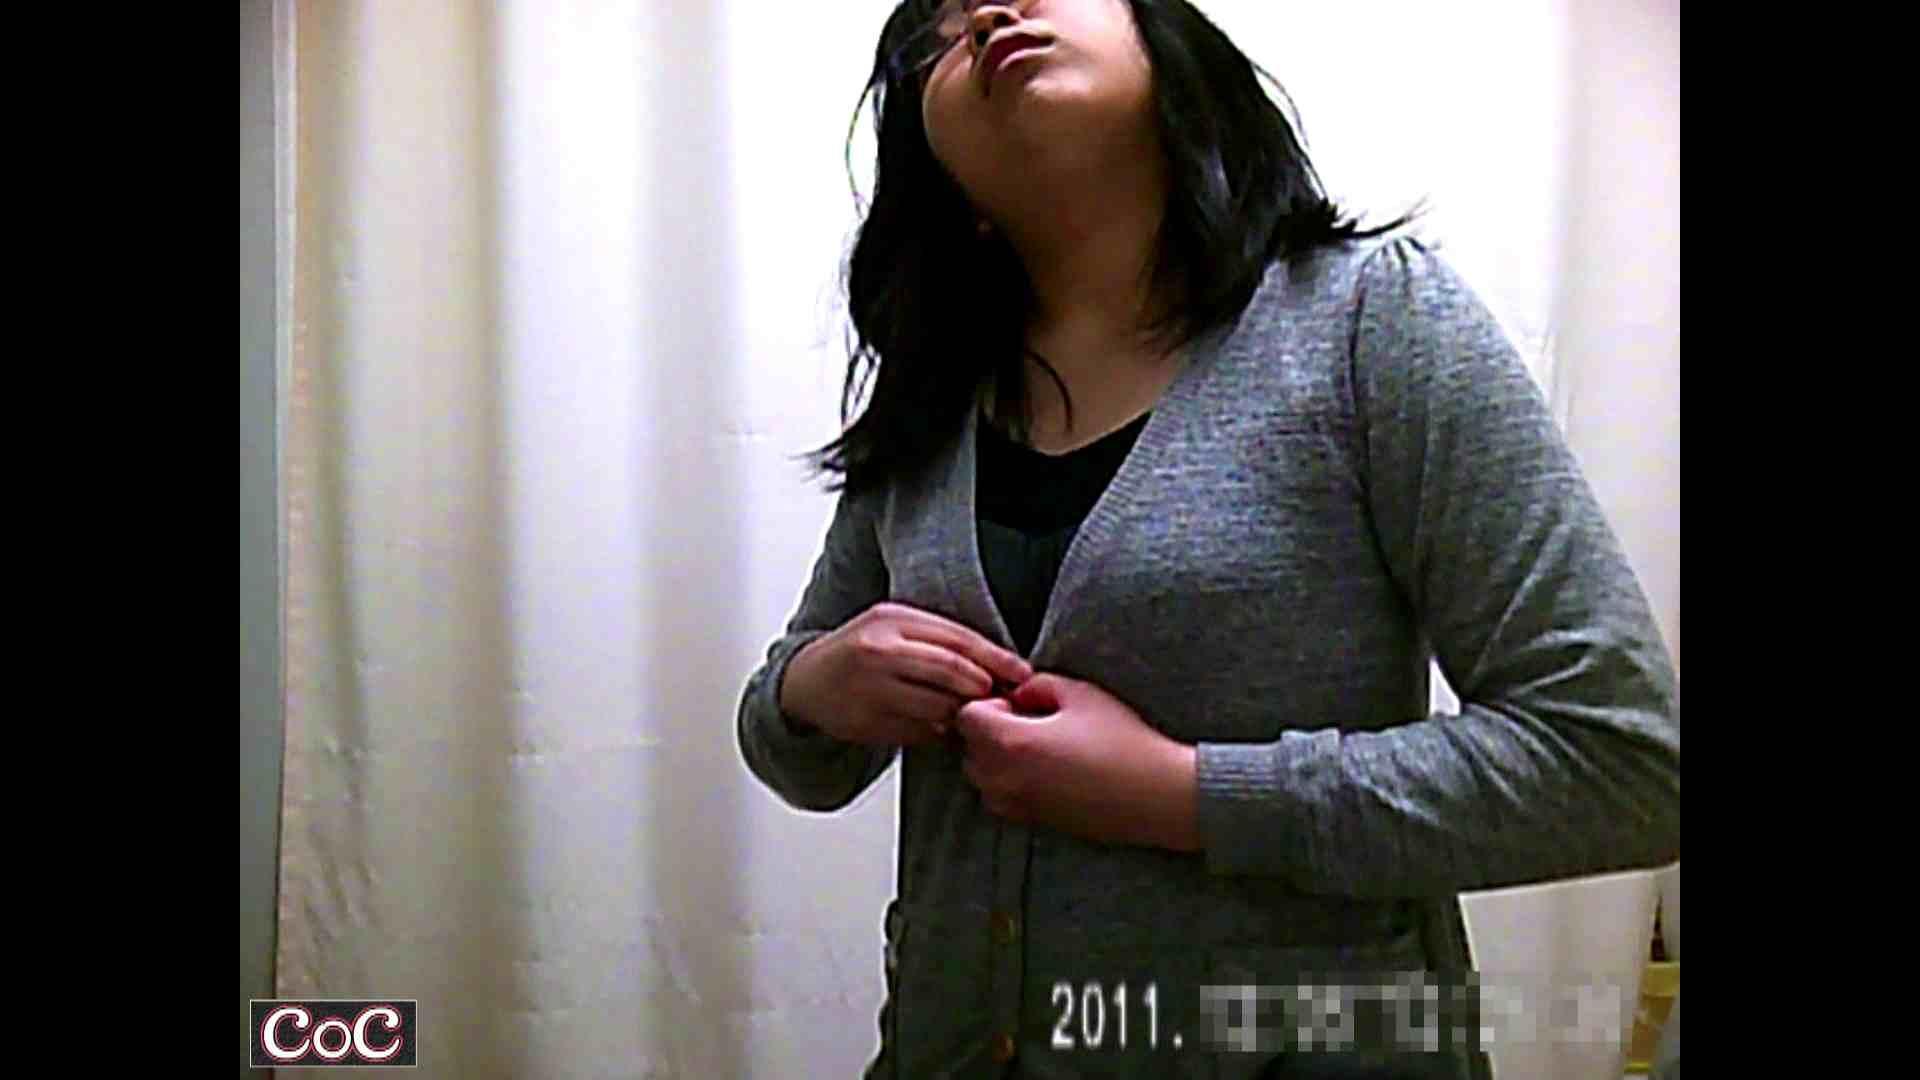 元医者による反抗 更衣室地獄絵巻 vol.184 OL  72pic 1